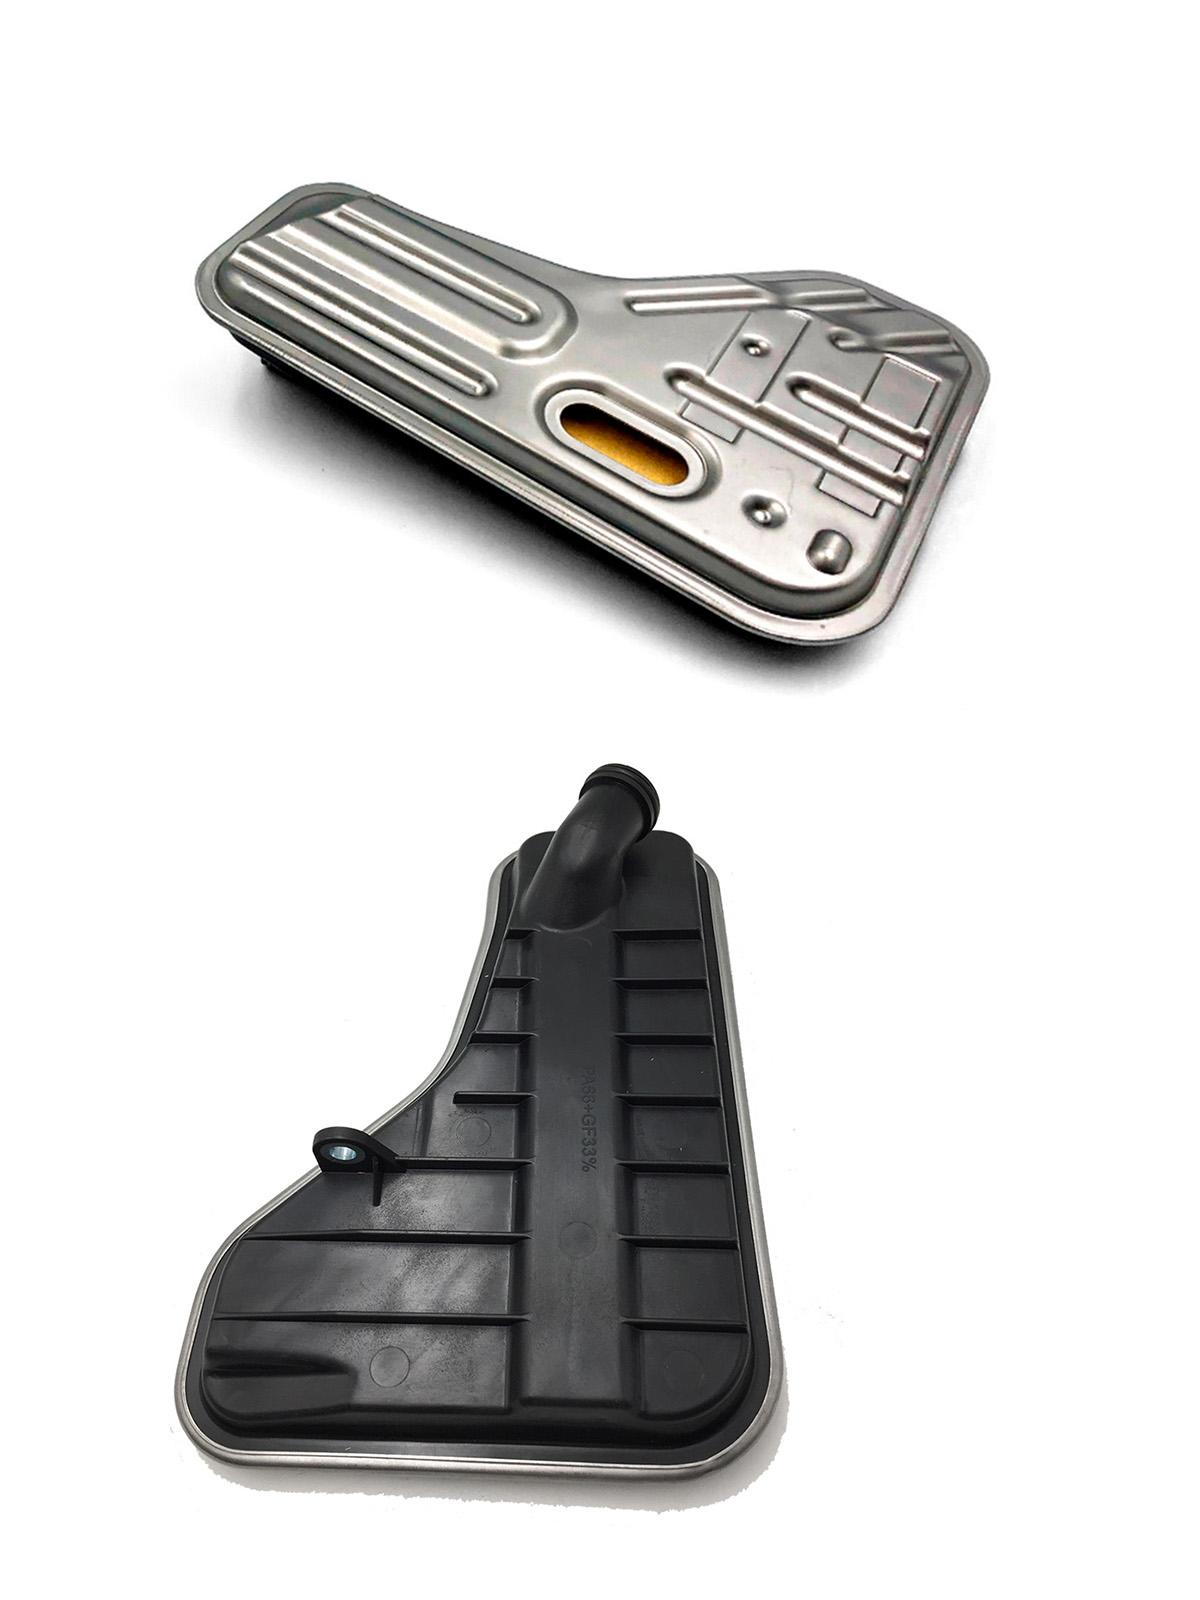 Filtro de Óleo Interno - Câmbio DSG 02E | DQ250 -  Volkswagen e Audi